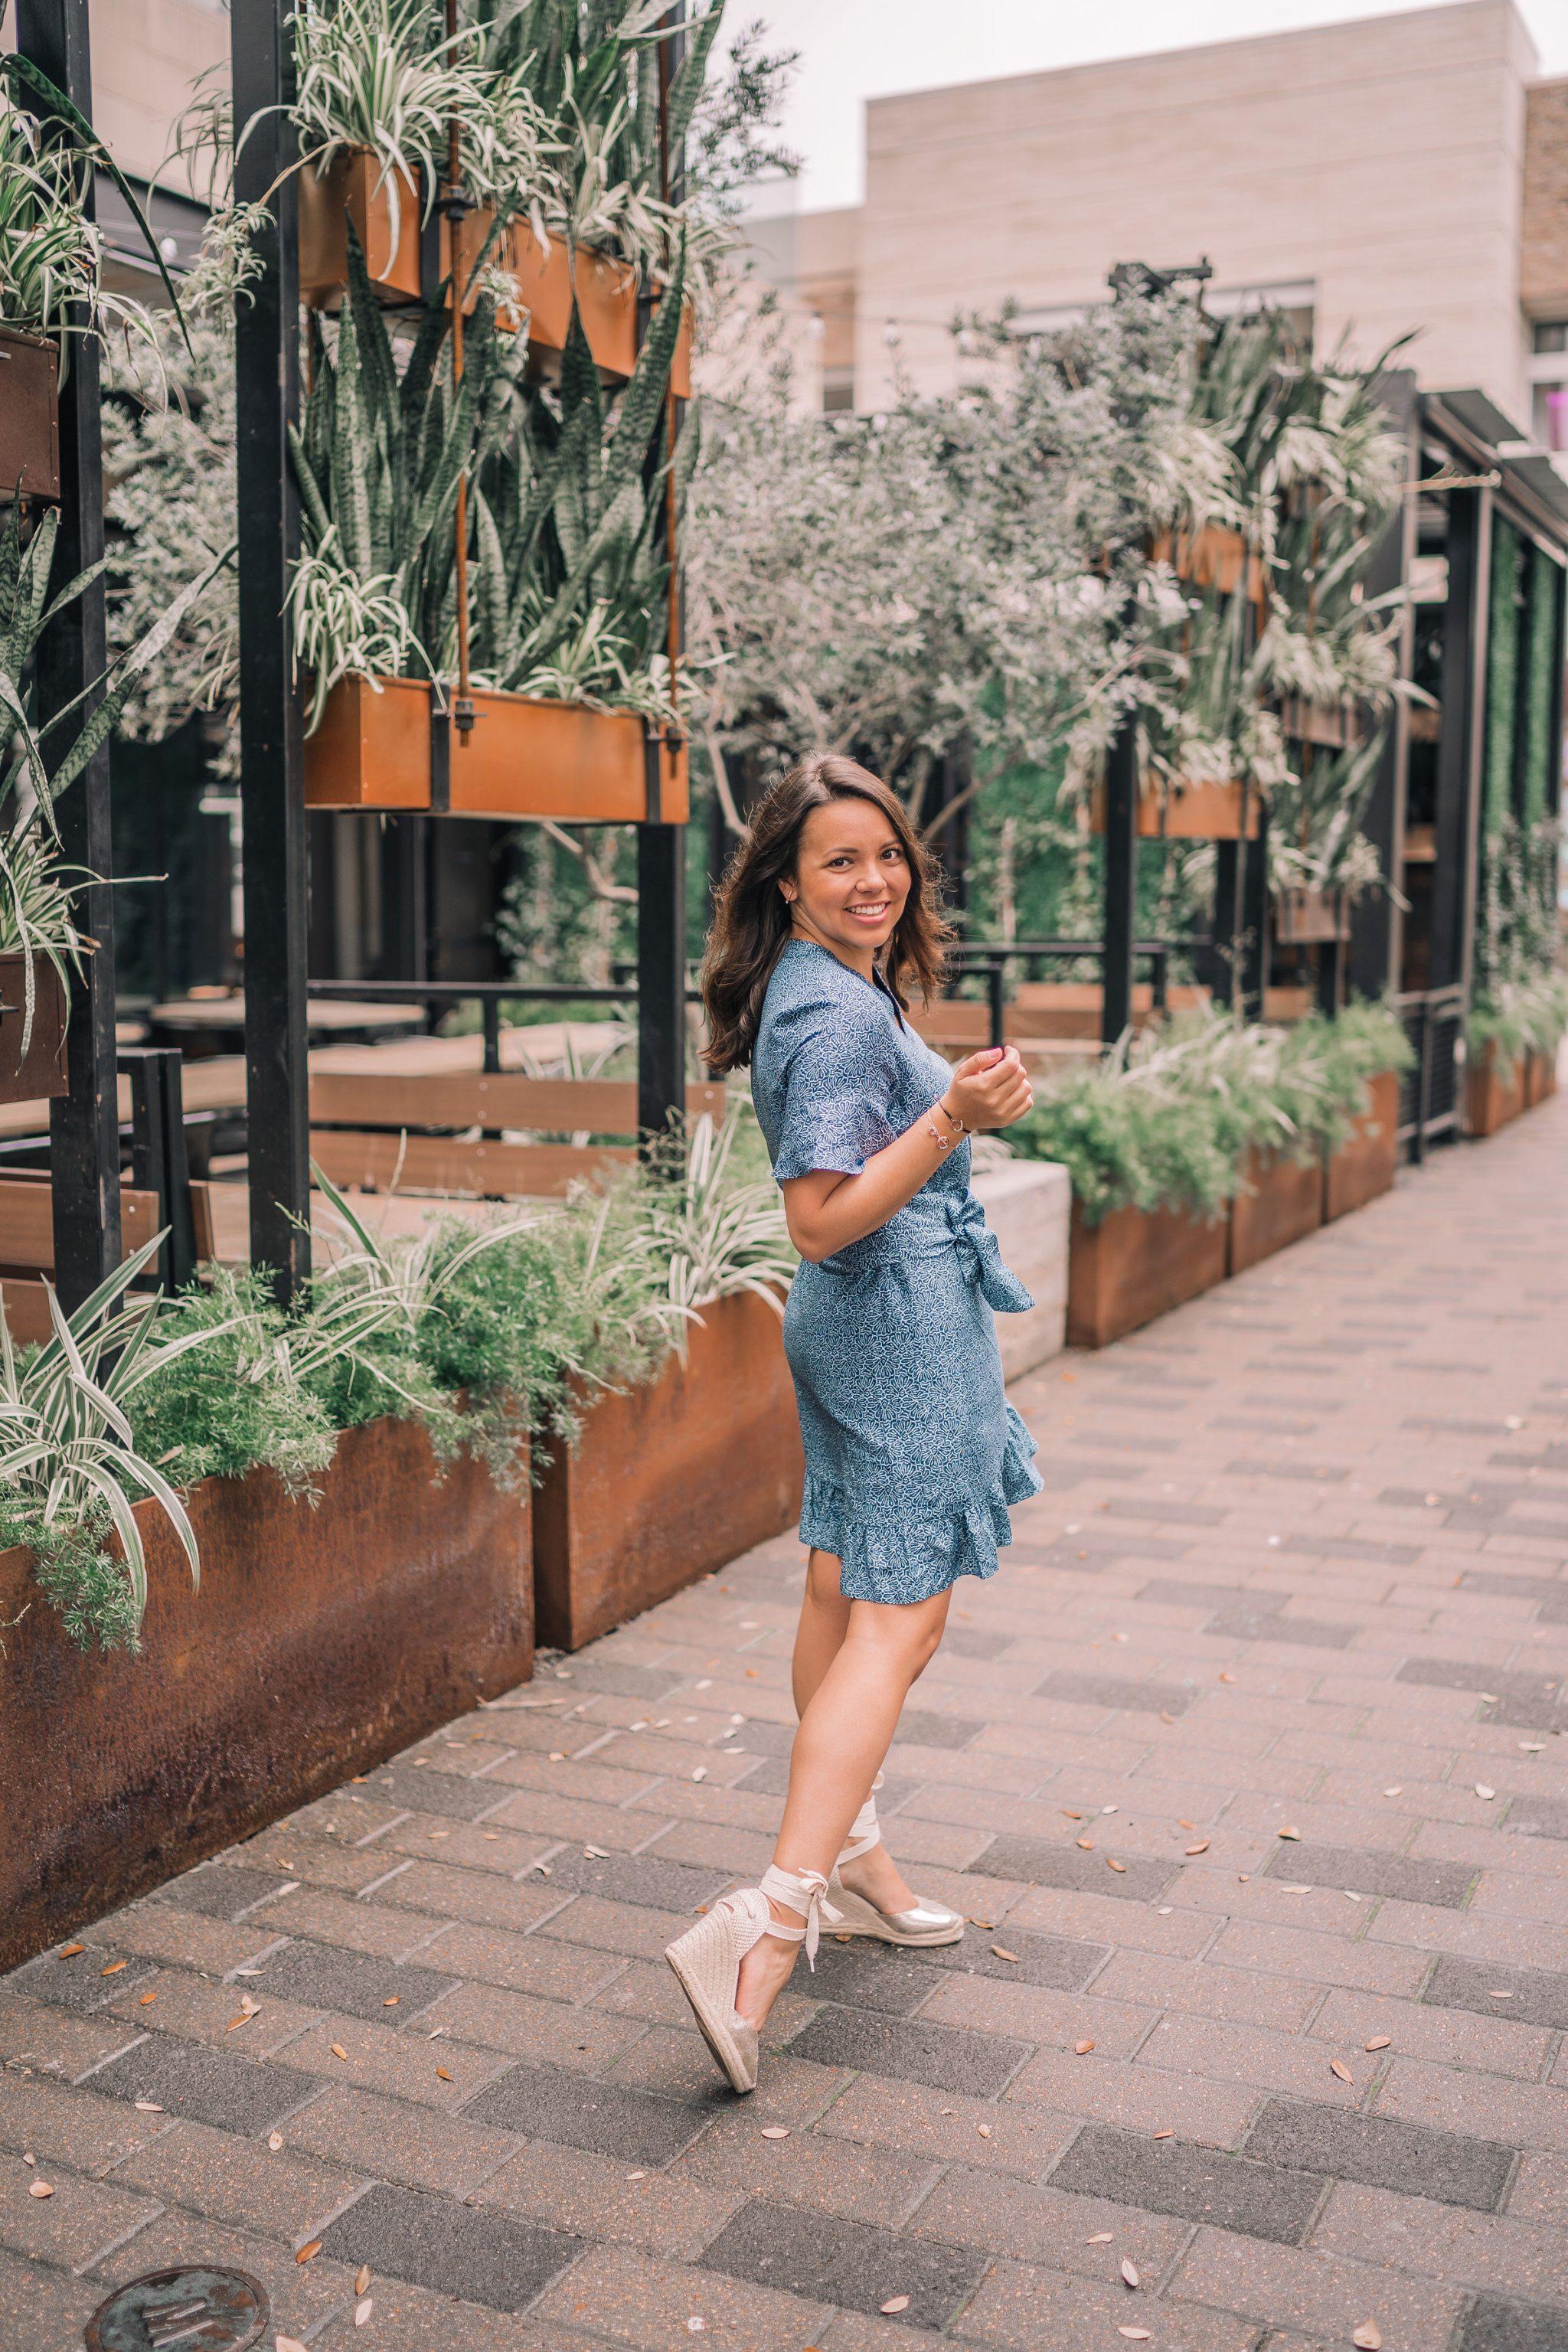 Springtime wrap dress, Soludos espadrilles